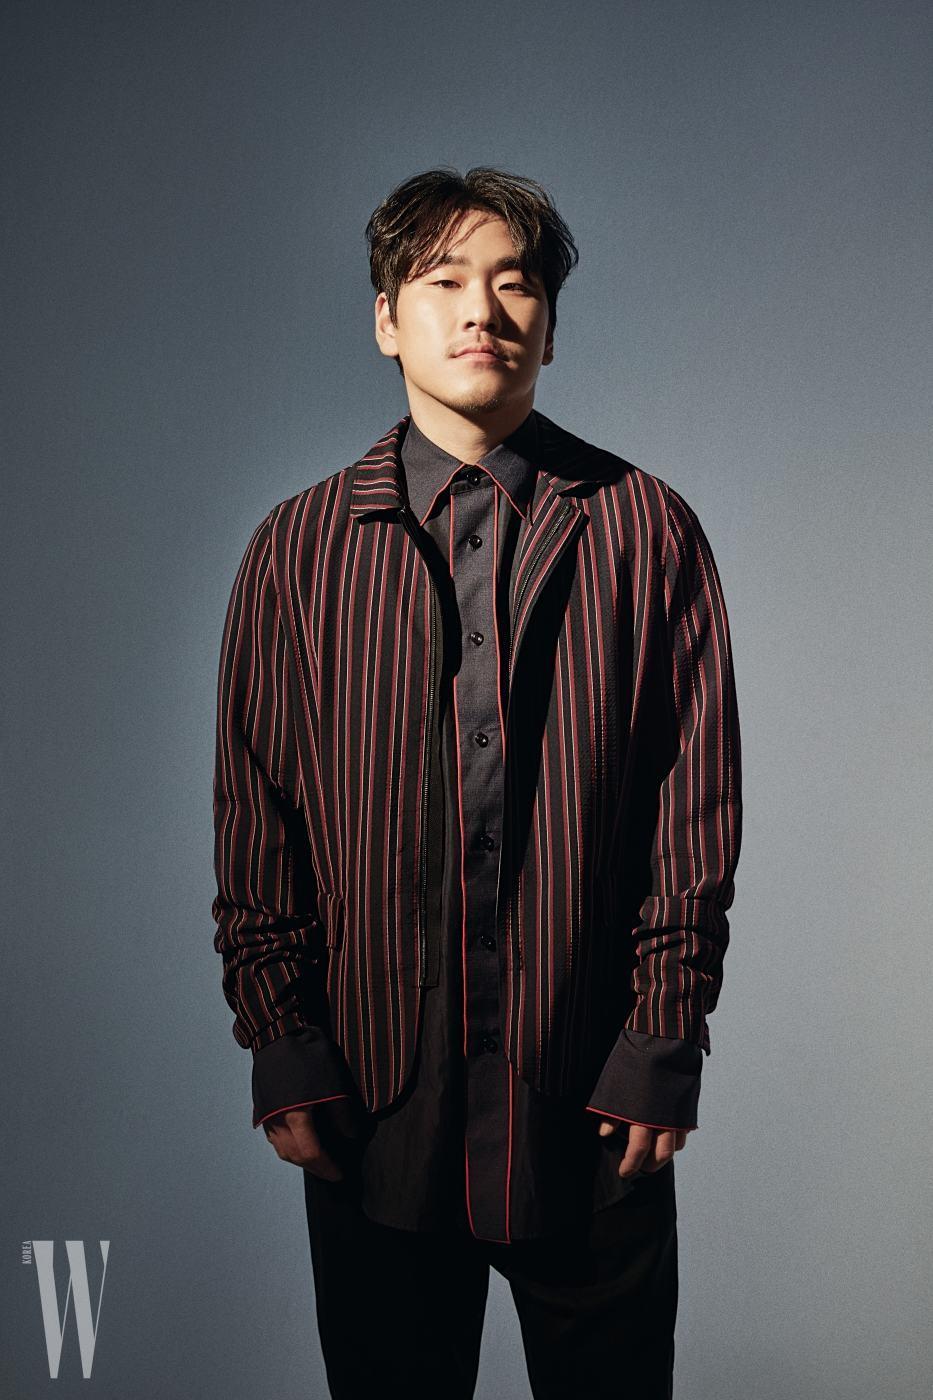 정욱재가 입은 네이비 셔츠, 아우터는 모두 우영미, 검은색 팬츠는 릭 오웬스 제품.